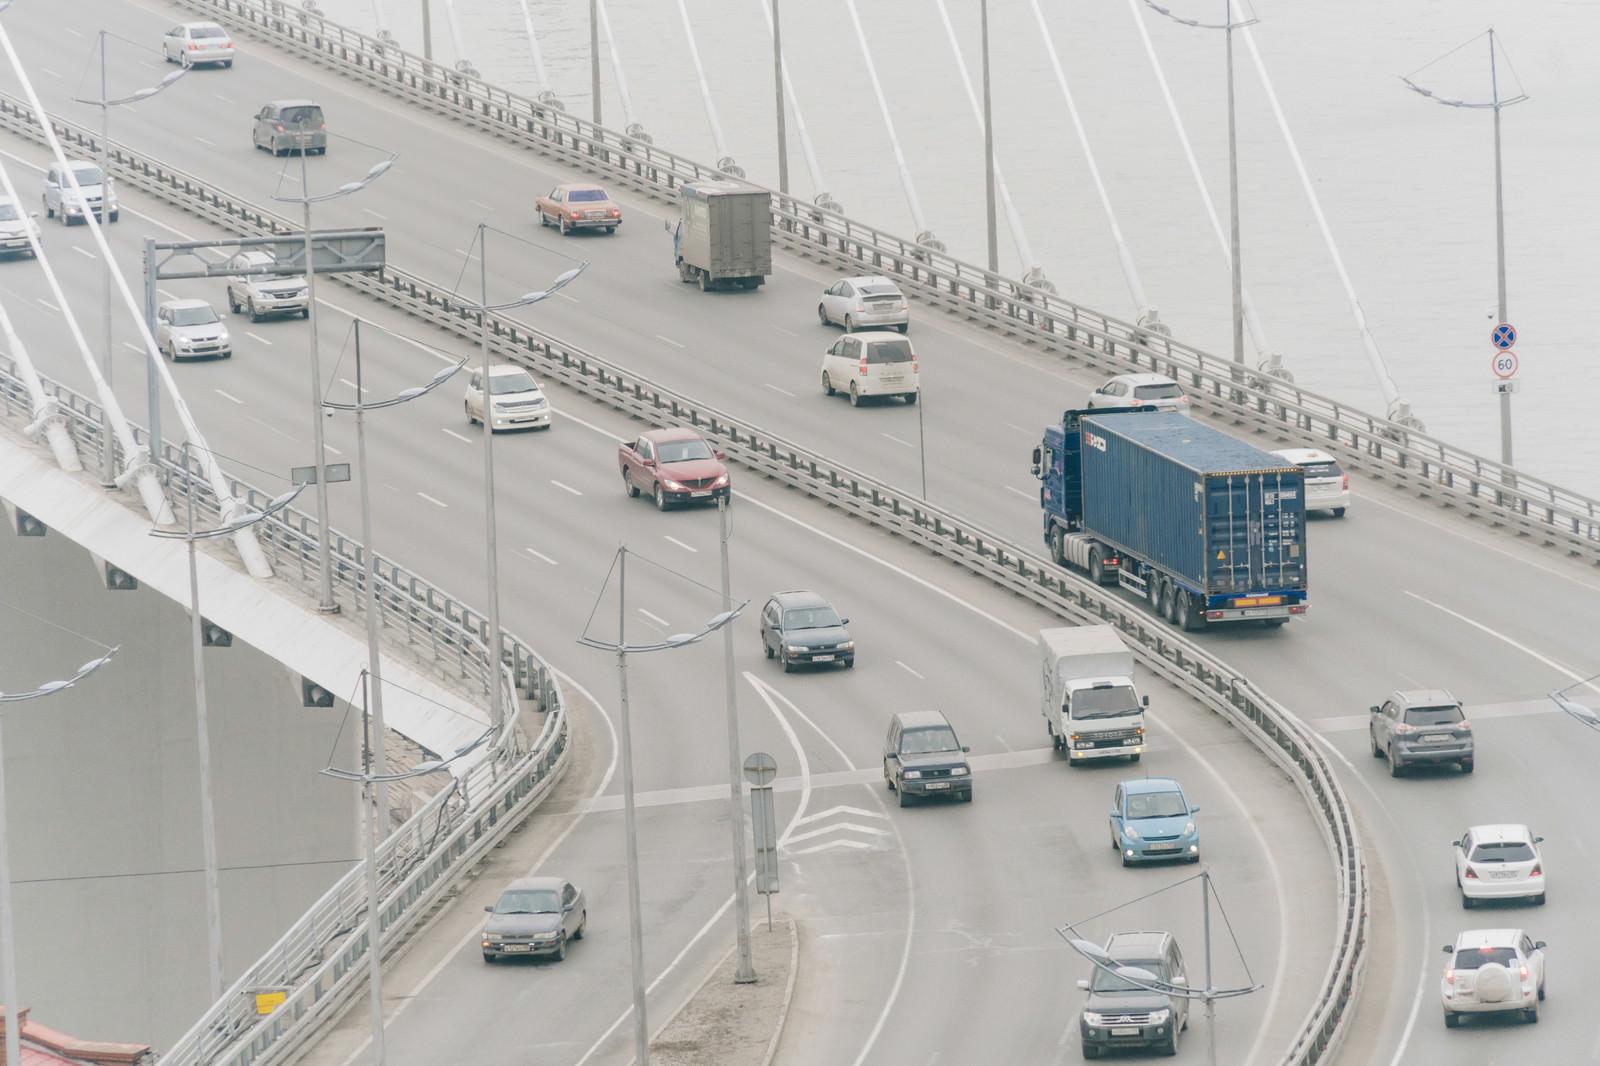 「橋の上を走行する車(ロシア)」の写真